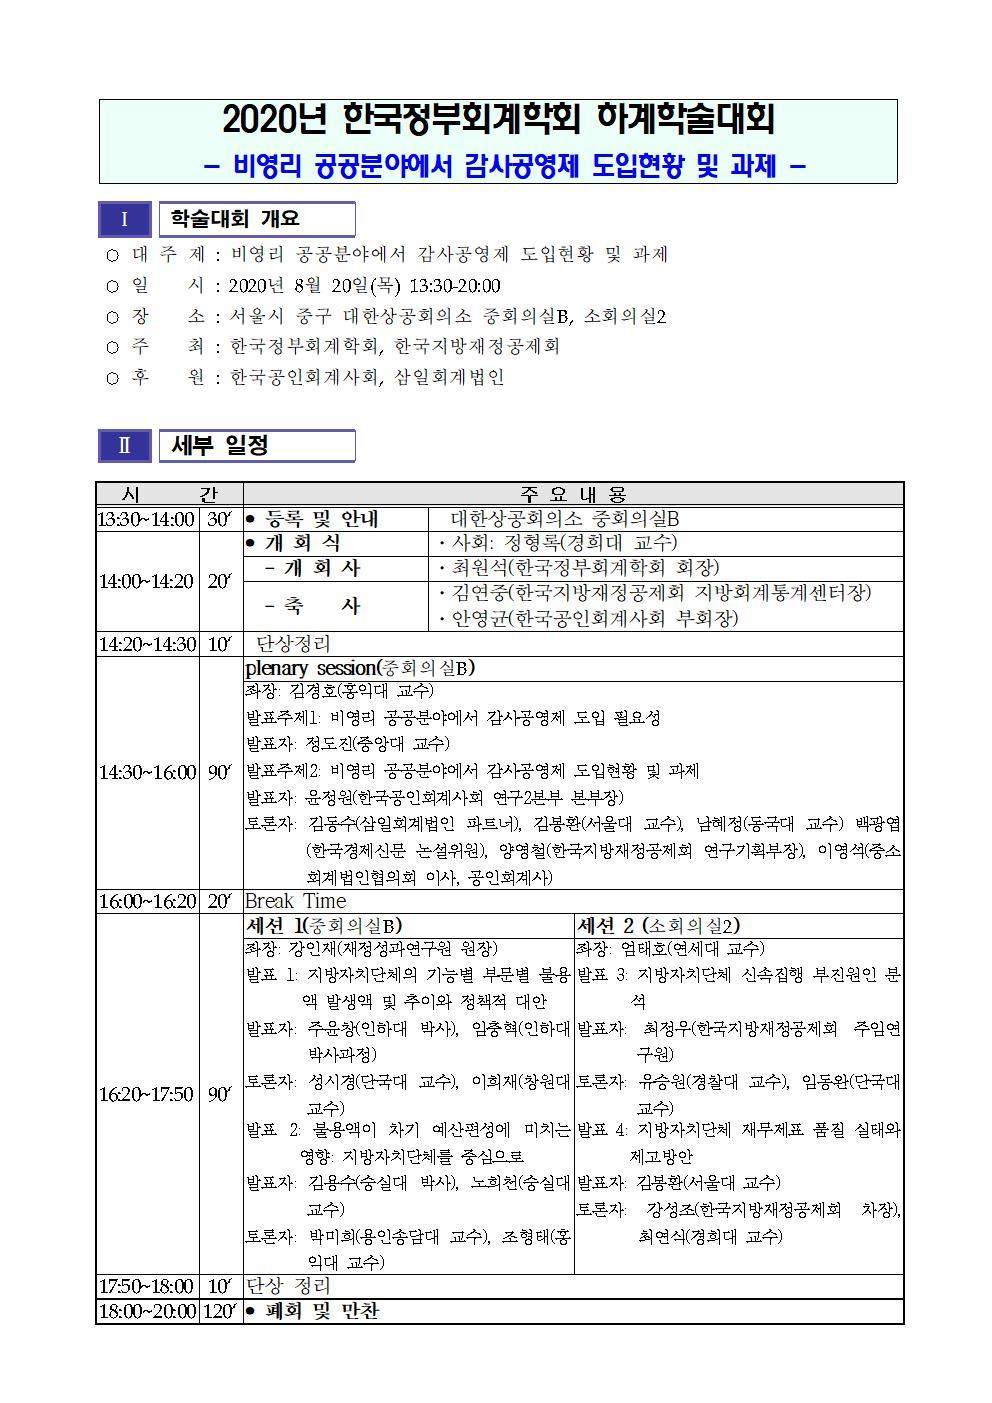 2020년 한국정부회계학회 하계학술대회 개최계획(안)_홈페이지 게시안001.jpg